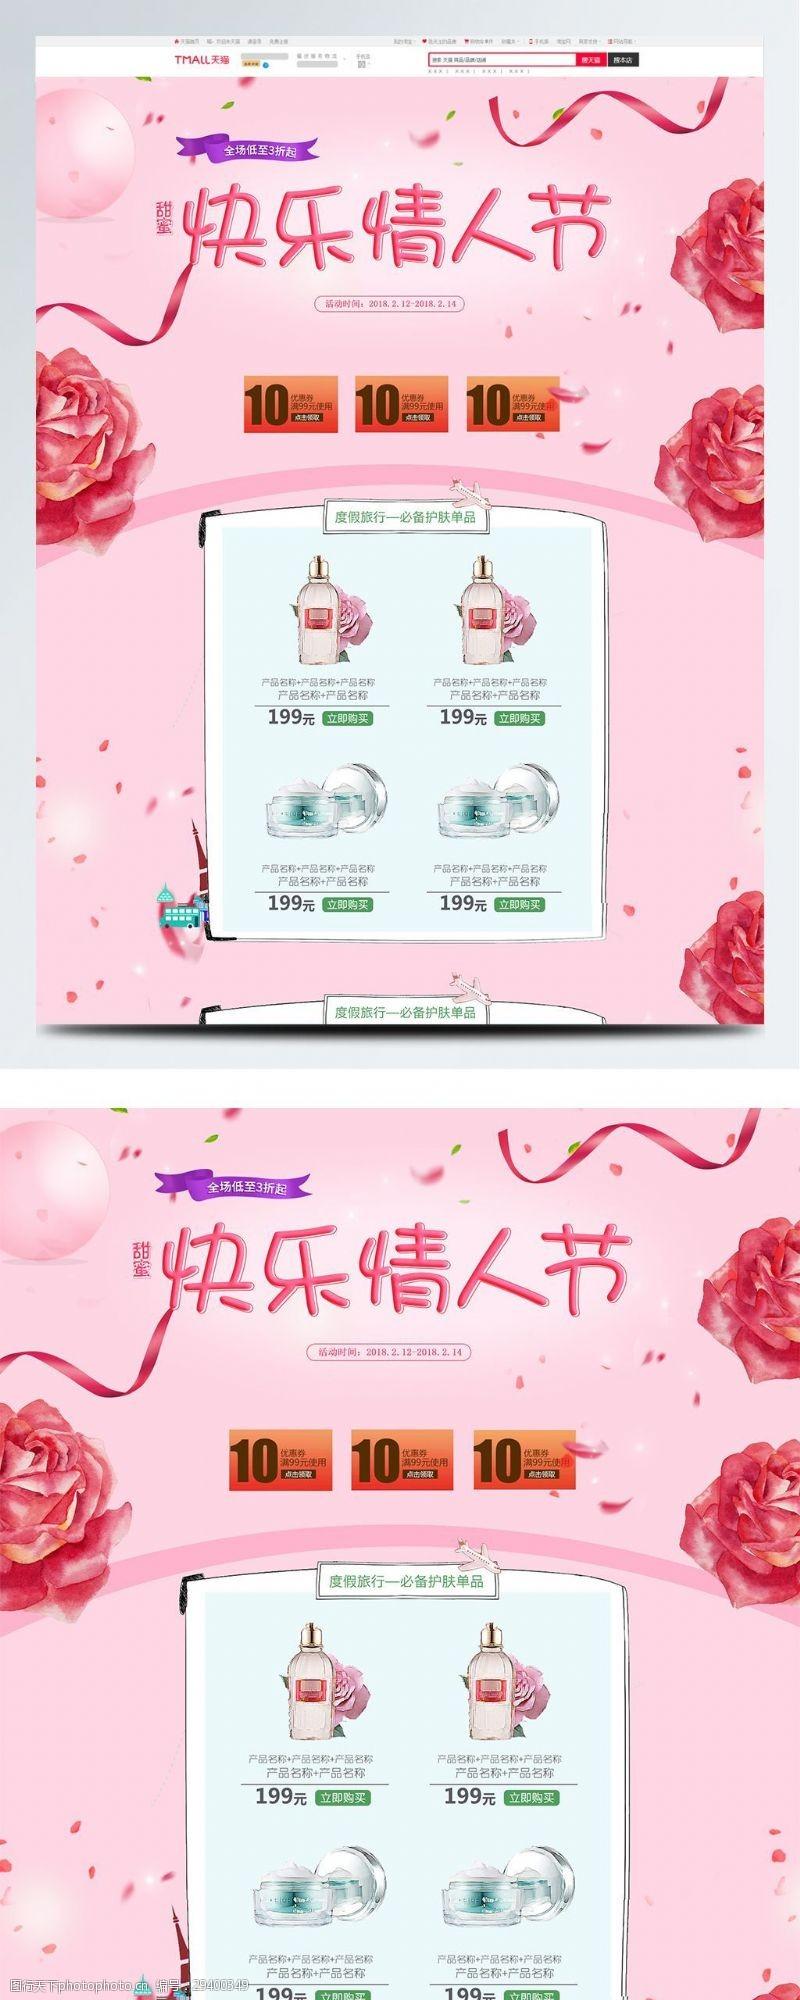 快樂情人節化妝品電商淘寶粉色首頁排版